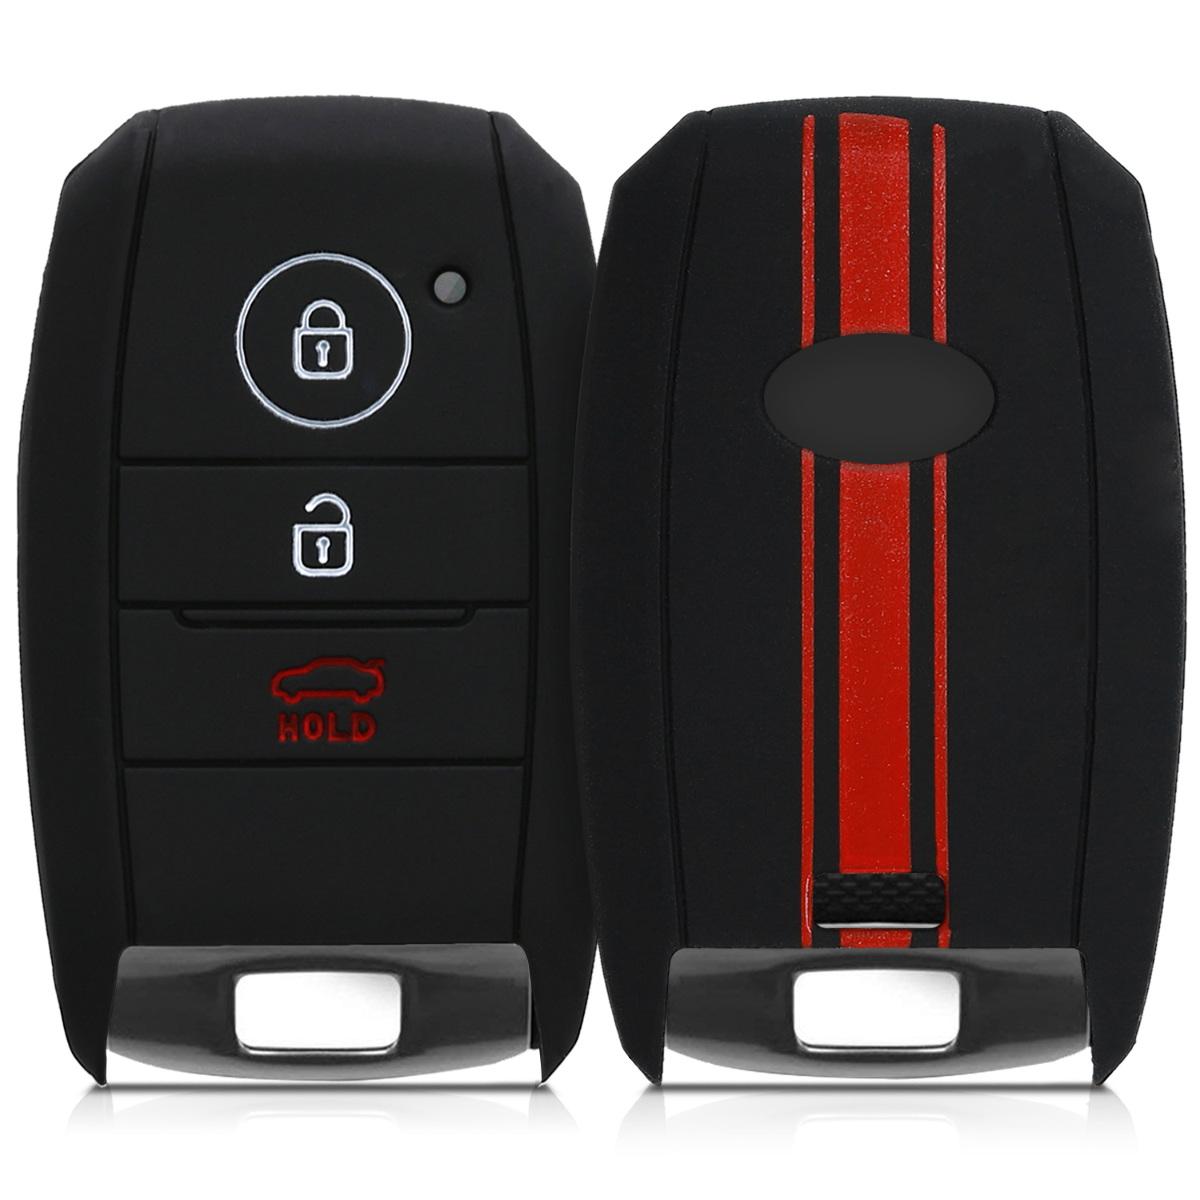 Hülle für Kia Autoschlüssel Silikon Schlüssel Schutzhülle Schlüsselgehäuse Auto